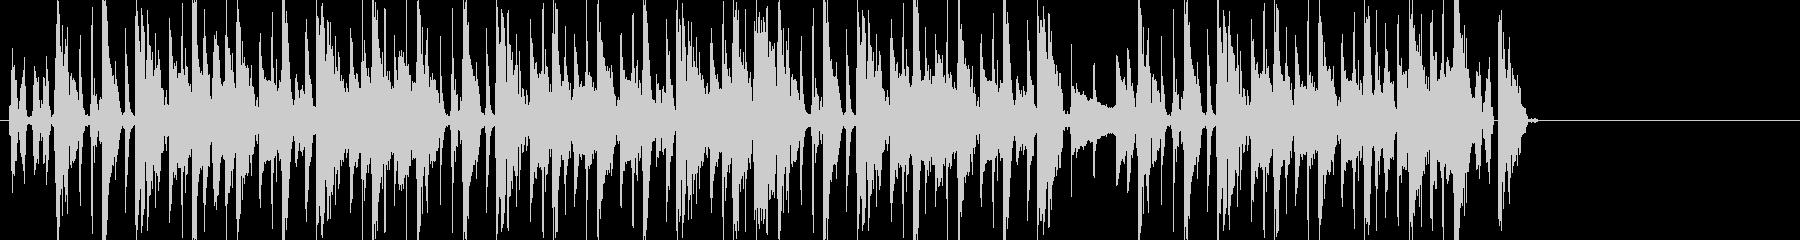 ブレイクビーツ+カッティングギターのんの未再生の波形